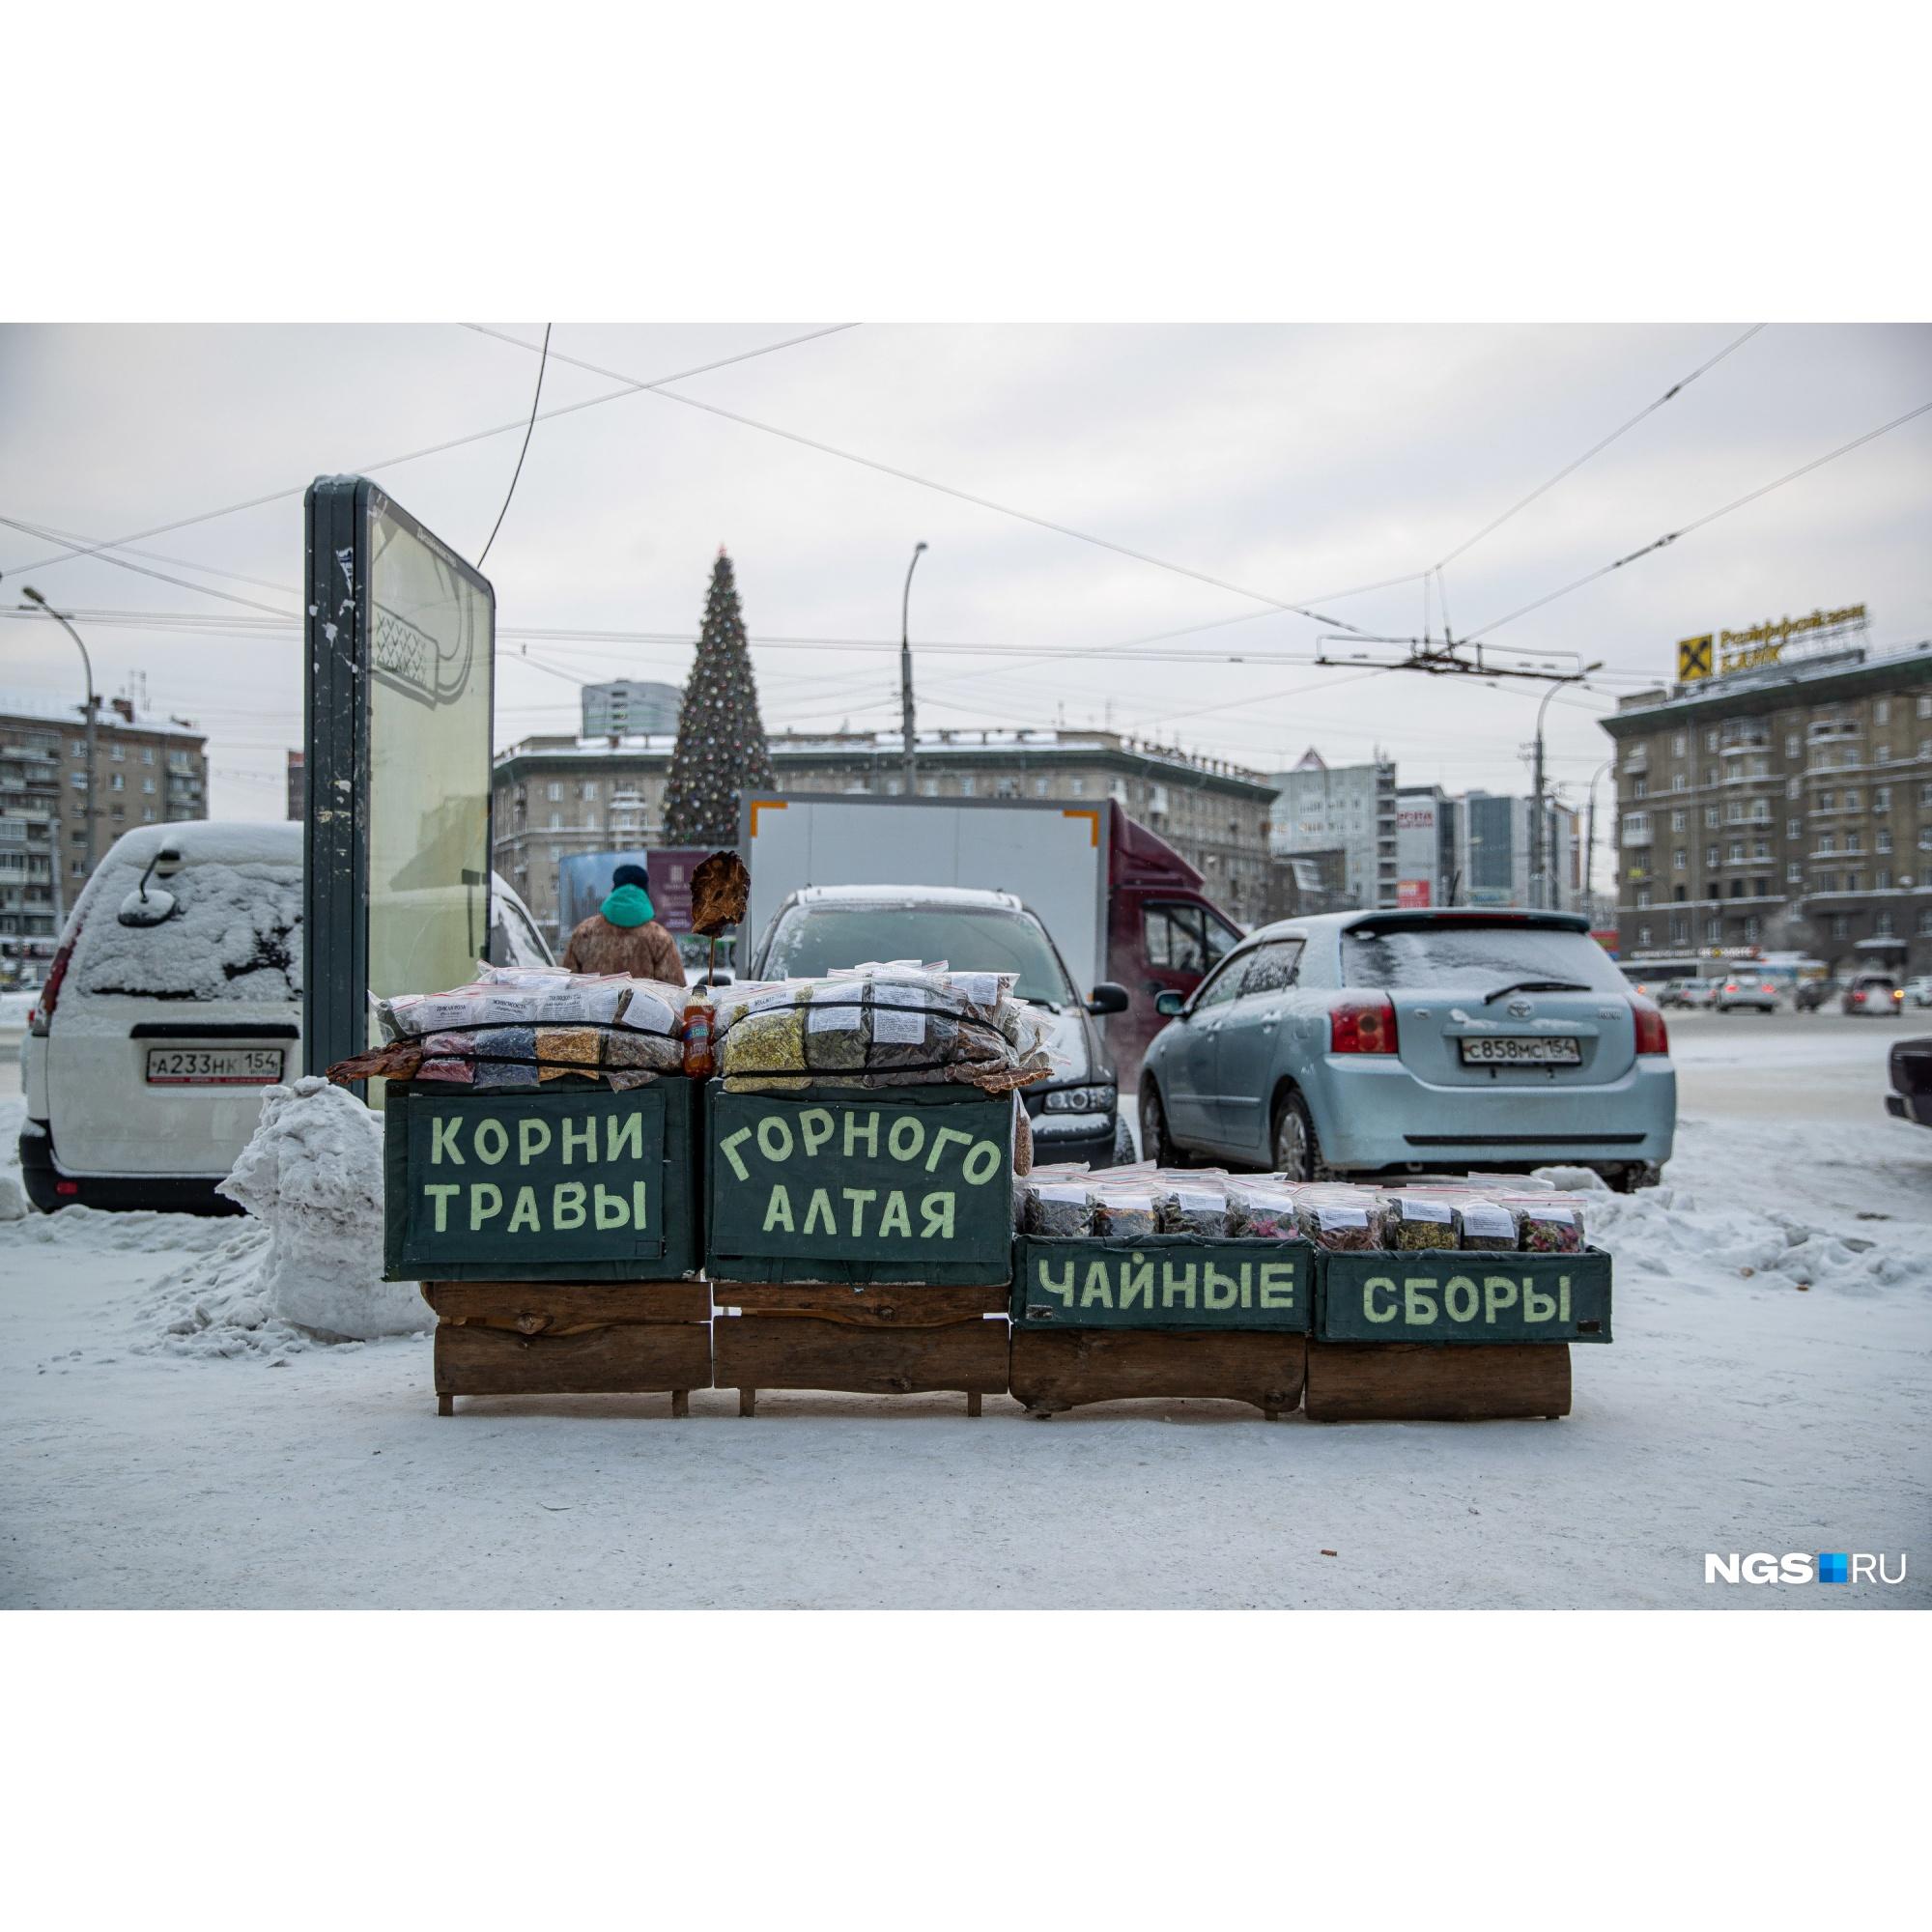 Ещё одна точка на площади Калинина — владелица этого лотка приезжает в Новосибирск с Алтая каждую зиму